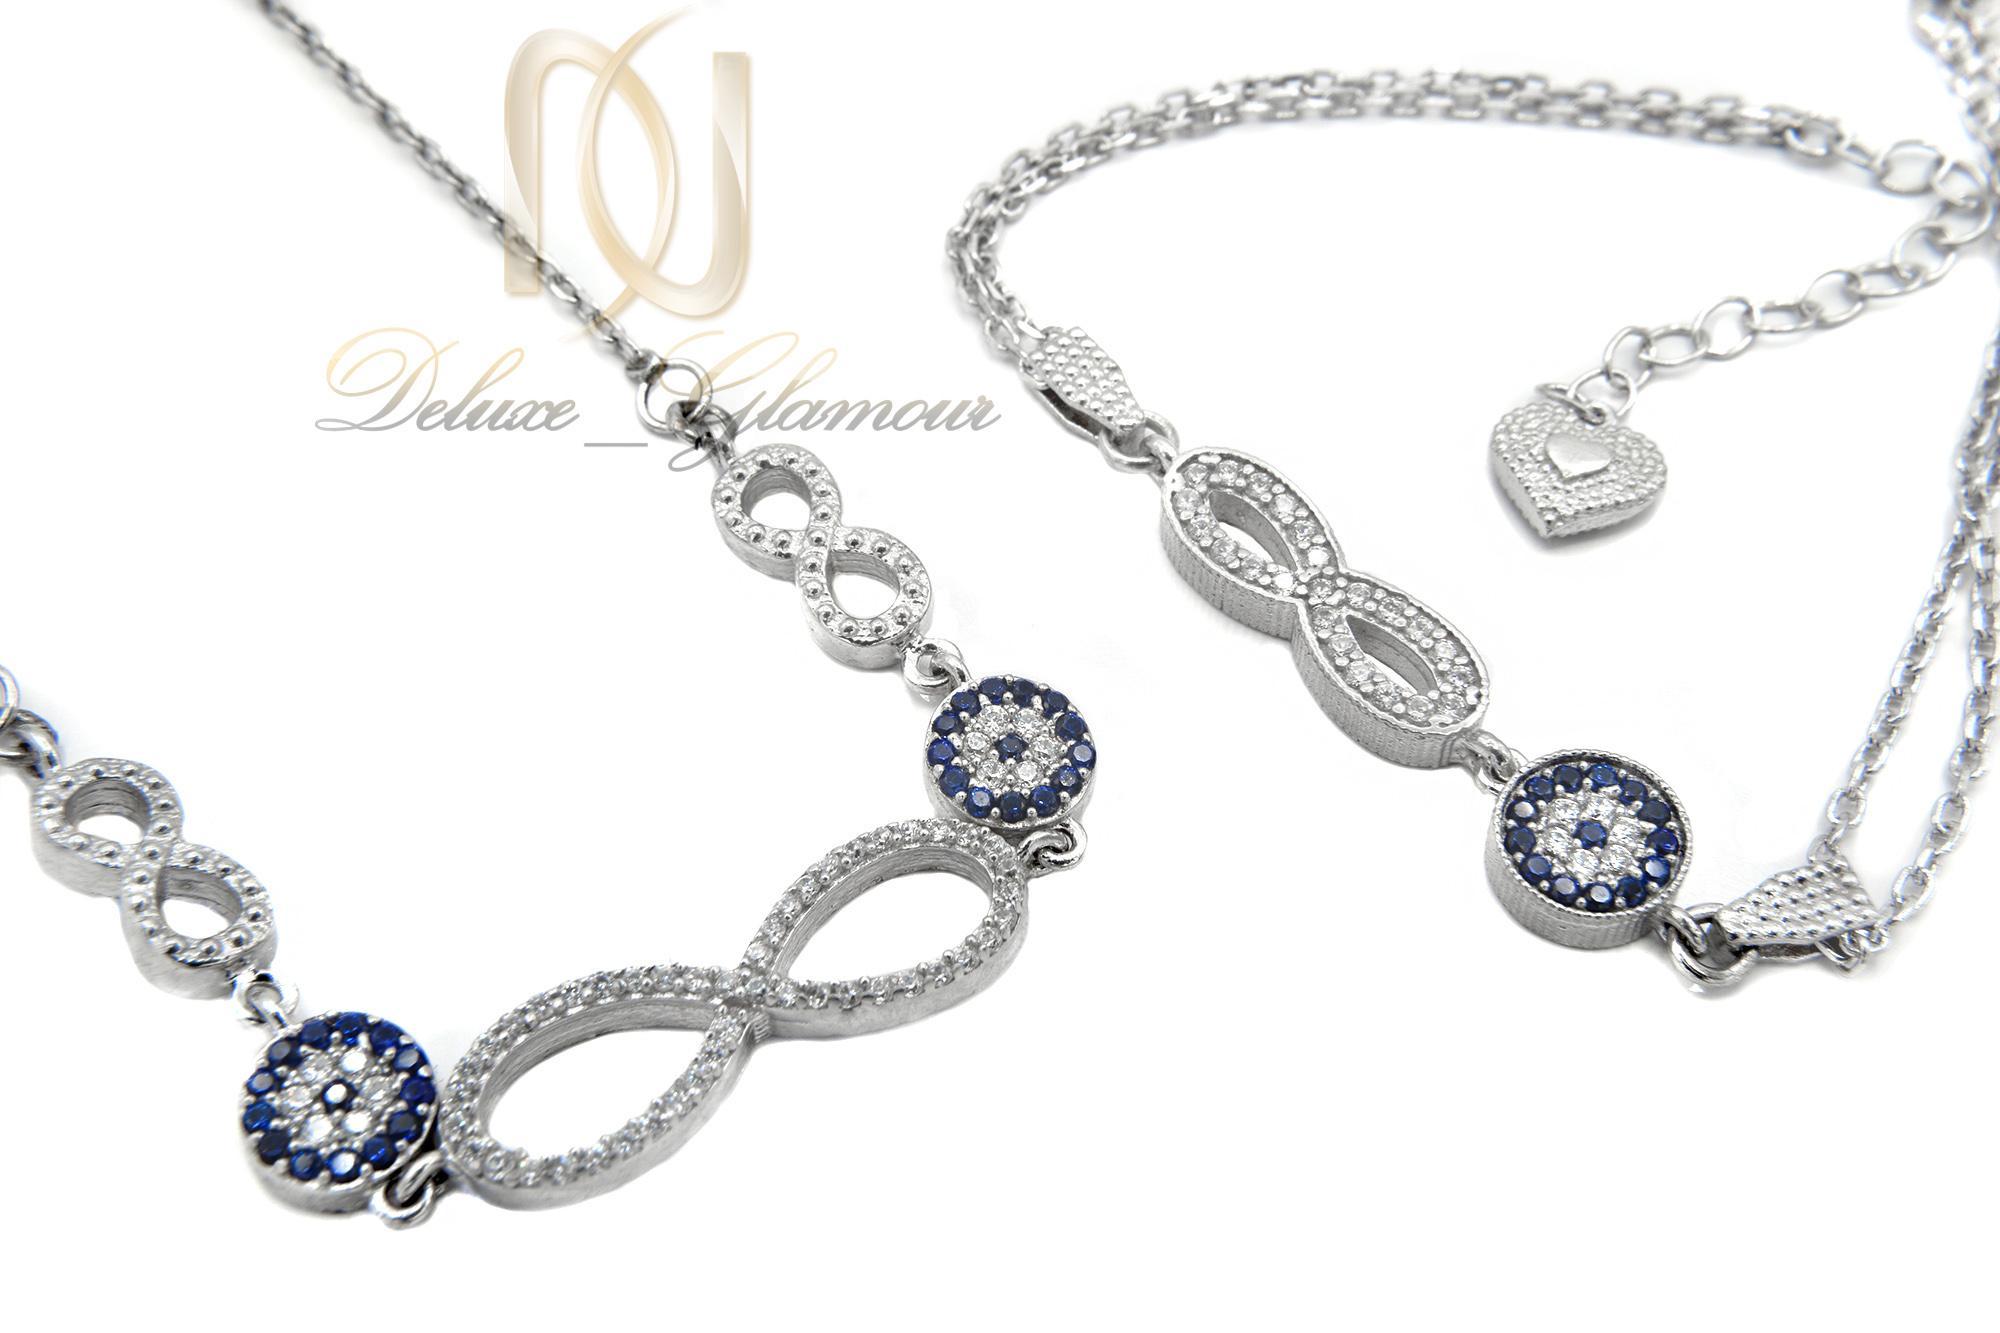 ست دستبند و گردنبند نقره بی نهایت ns-n440 از نمای سفید